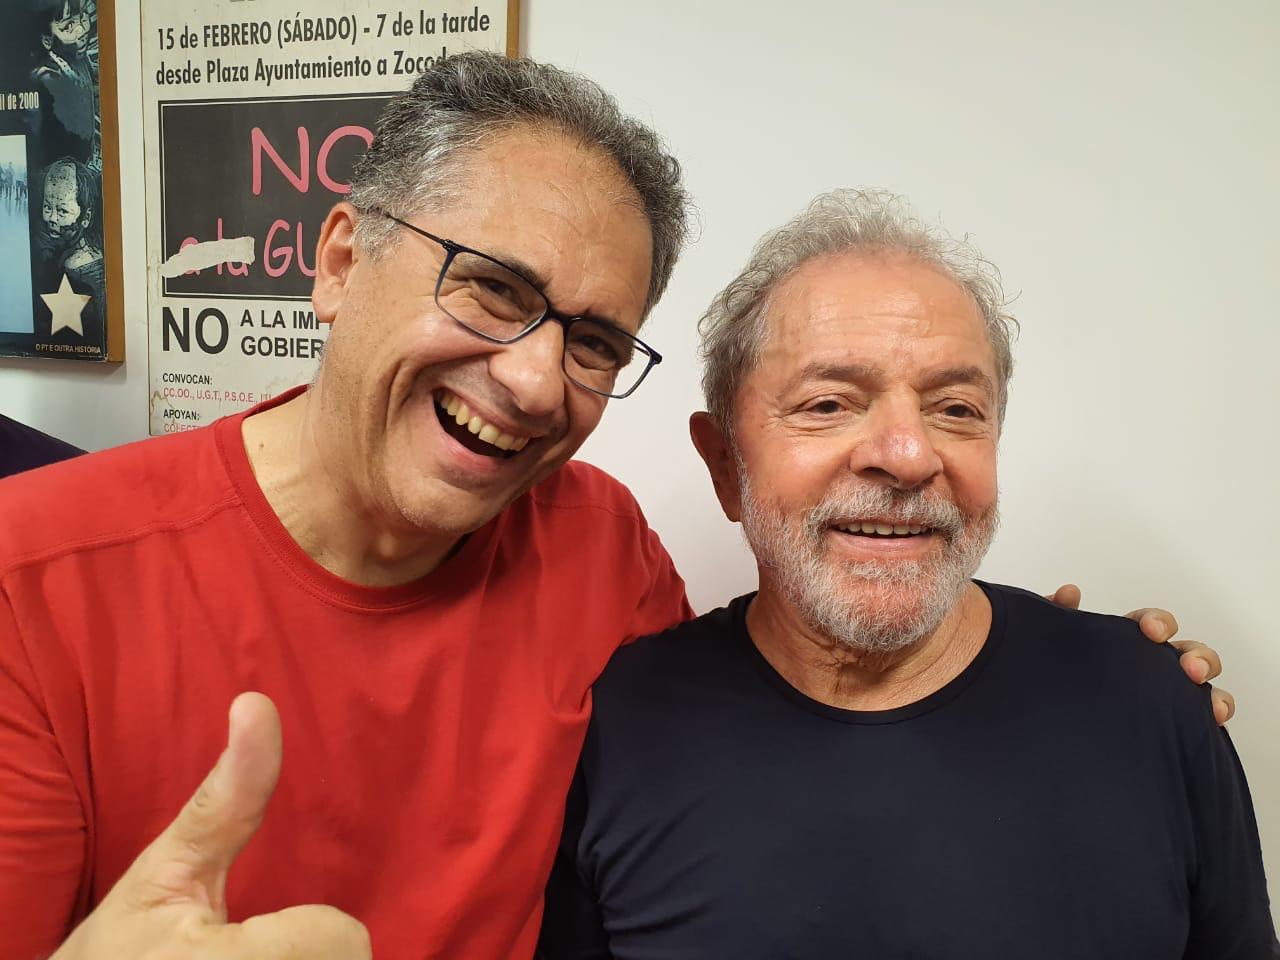 Após 480 dias de prisão criminosa, Lula retorna nos braços povo!